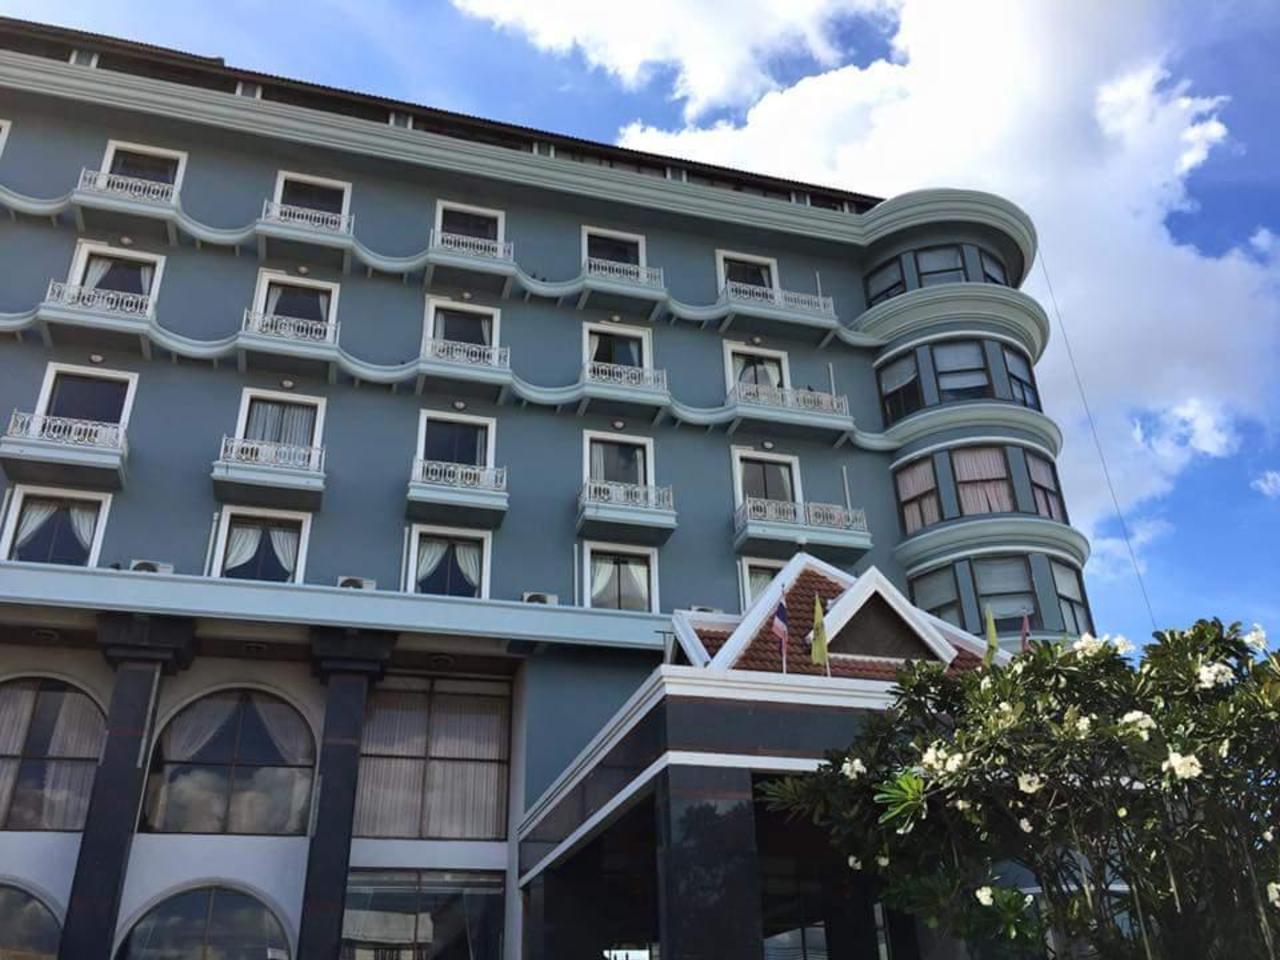 โรงแรมหล่มสัก ณัฐติรัตน์ (Lom Sak Nattirat Hotel)